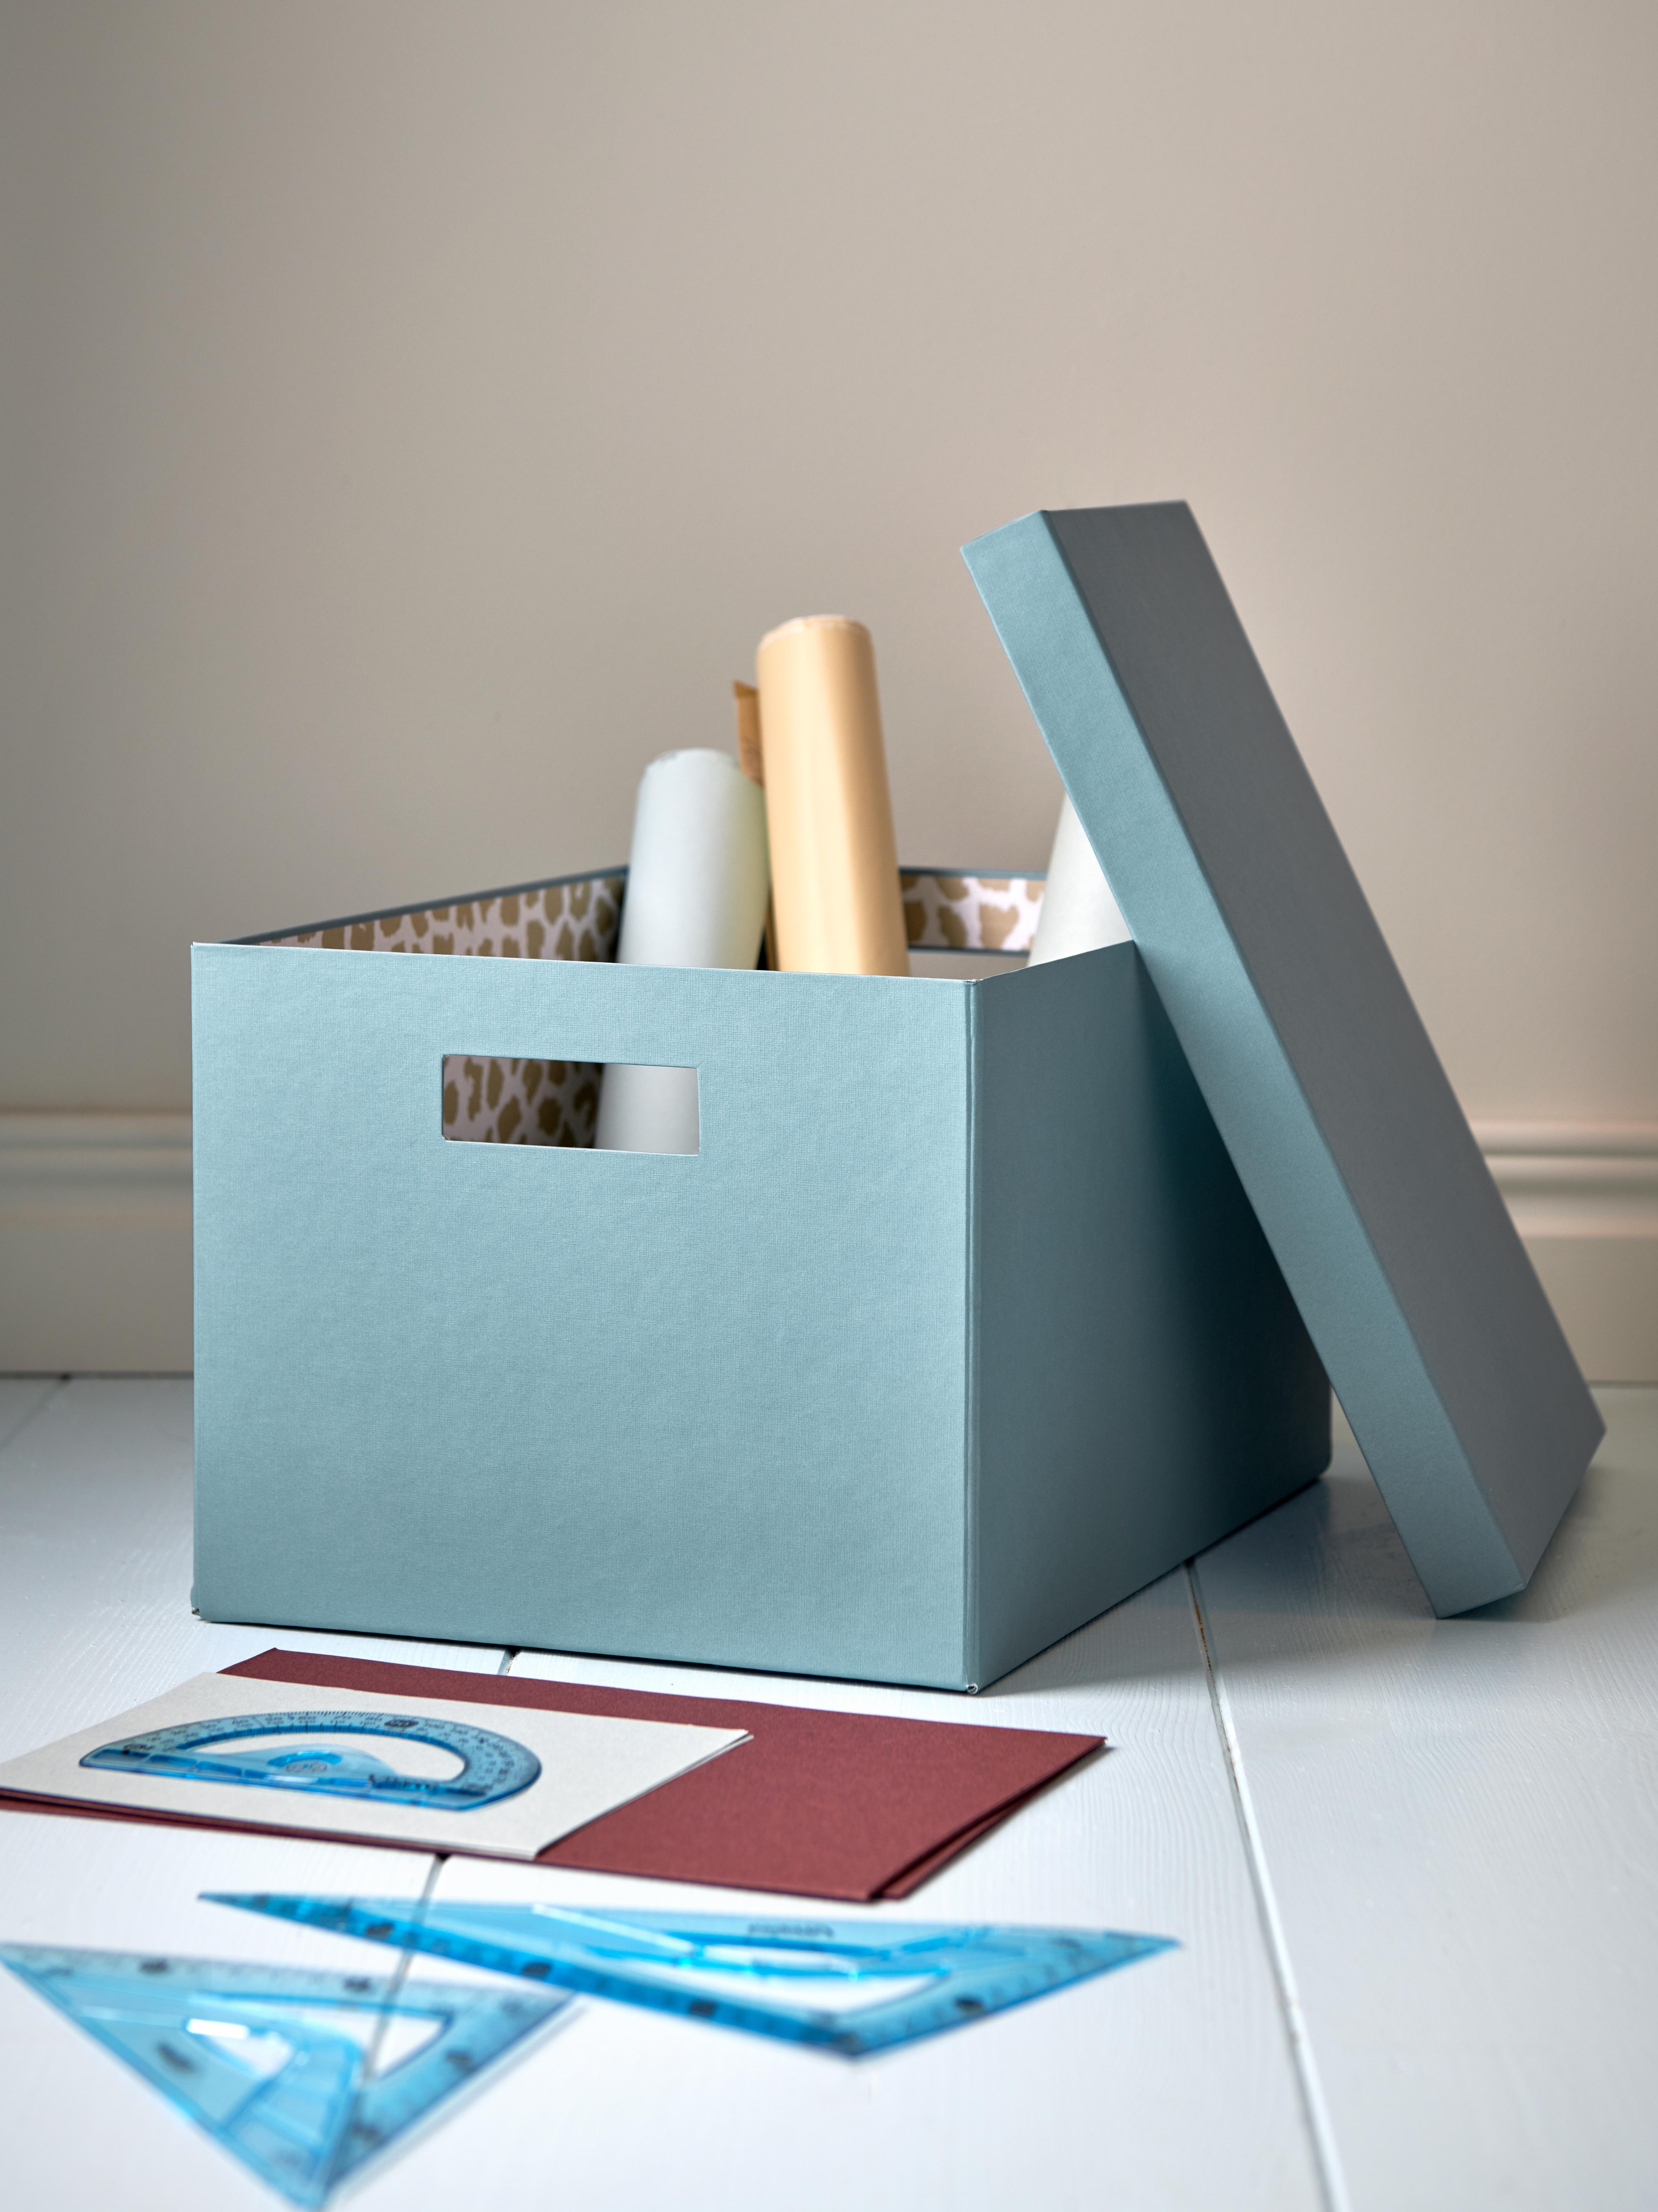 Paperezko kutxa urdina, paper erroiluak dituena, zoru zurian jarria eta estalkia kaxaren alboan jarrita.